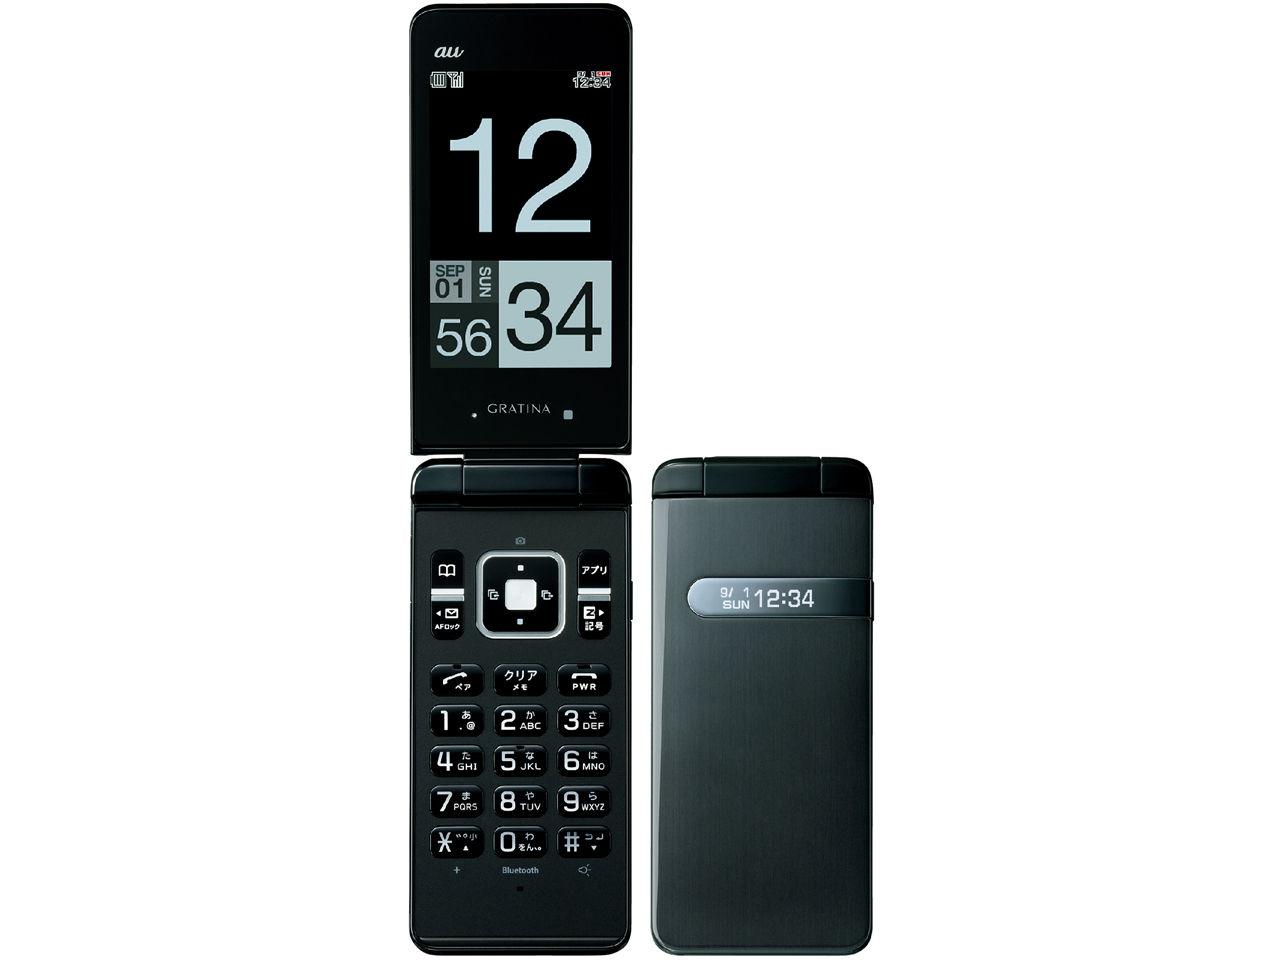 【新品・白ロム・本体】AU GRATINA KYY06 ブラック 携帯電話 ガラケーKYY06 black